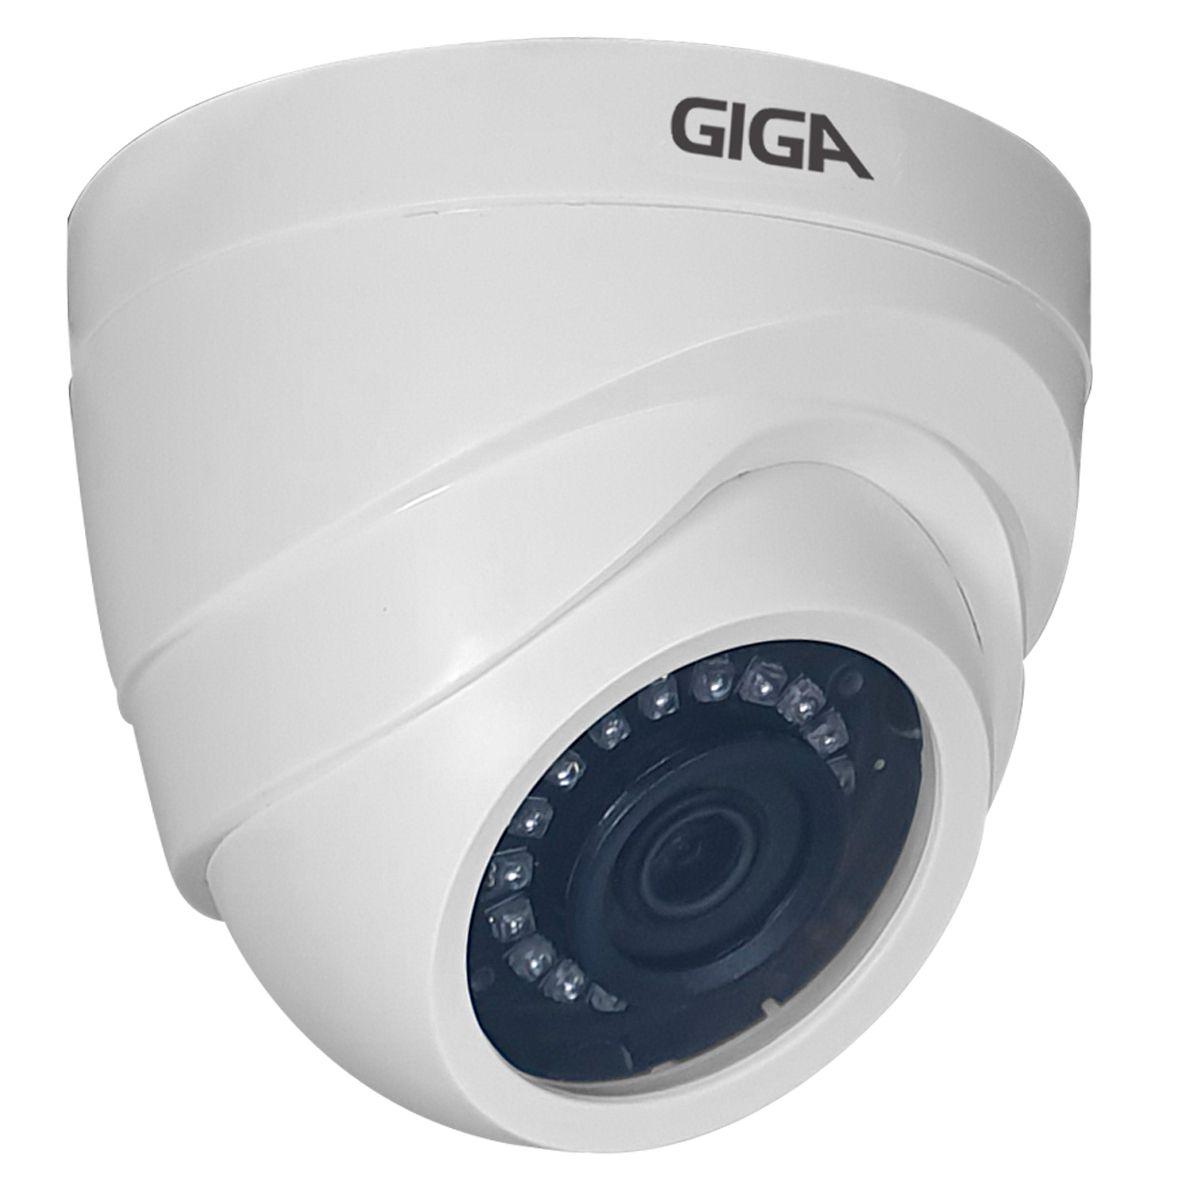 Kit Giga Security 6 Câmeras HD 720p GS0019 + DVR Lite com HD 1TB Seagate + Acessórios  - Tudo Forte